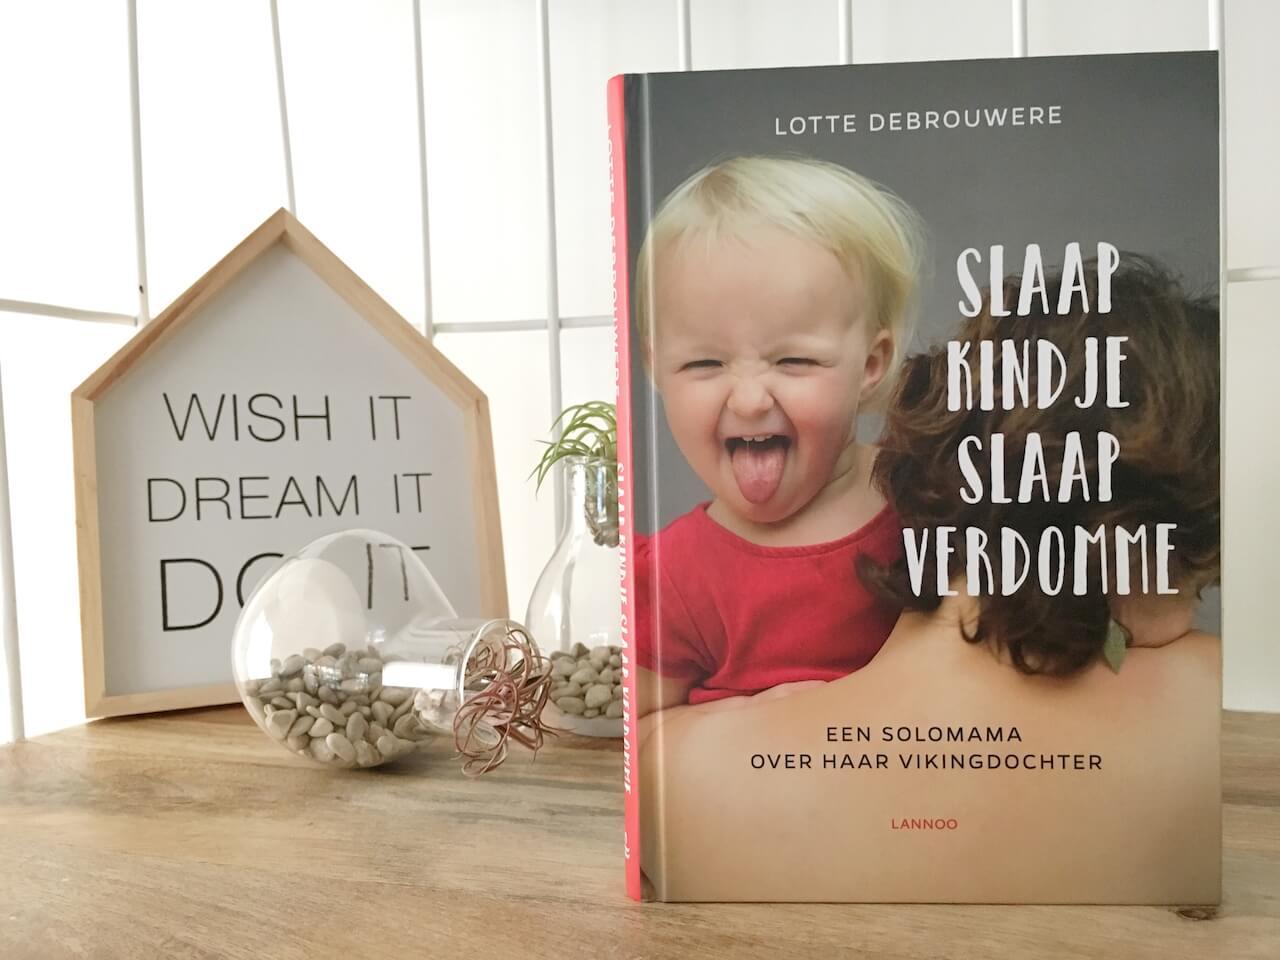 boeken over moederschap 2 - 5 favoriete boeken over moederschap en opvoeden